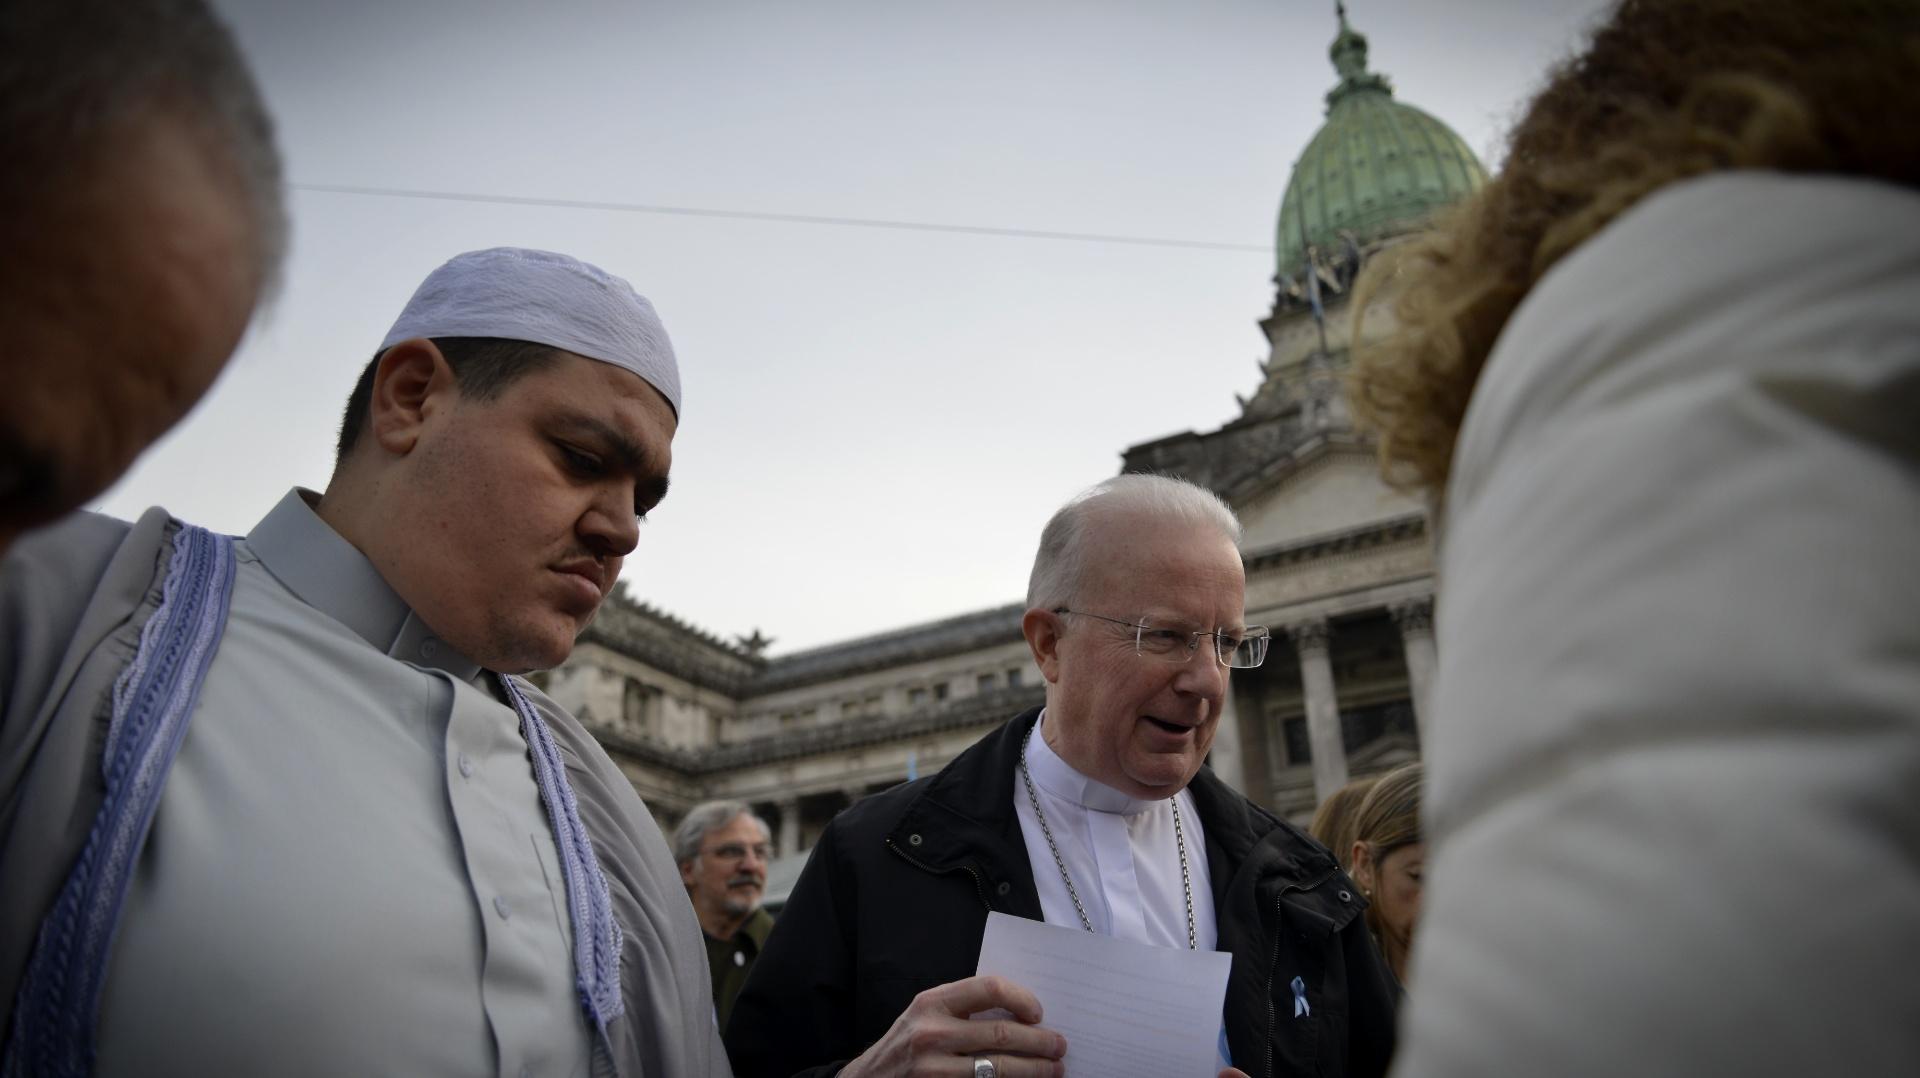 La Campaña Nacional por el Derecho al Aborto Legal, Seguro y Gratuito en Argentina presentó en marzo pasado un proyecto de ley con la firma de 71 legisladores